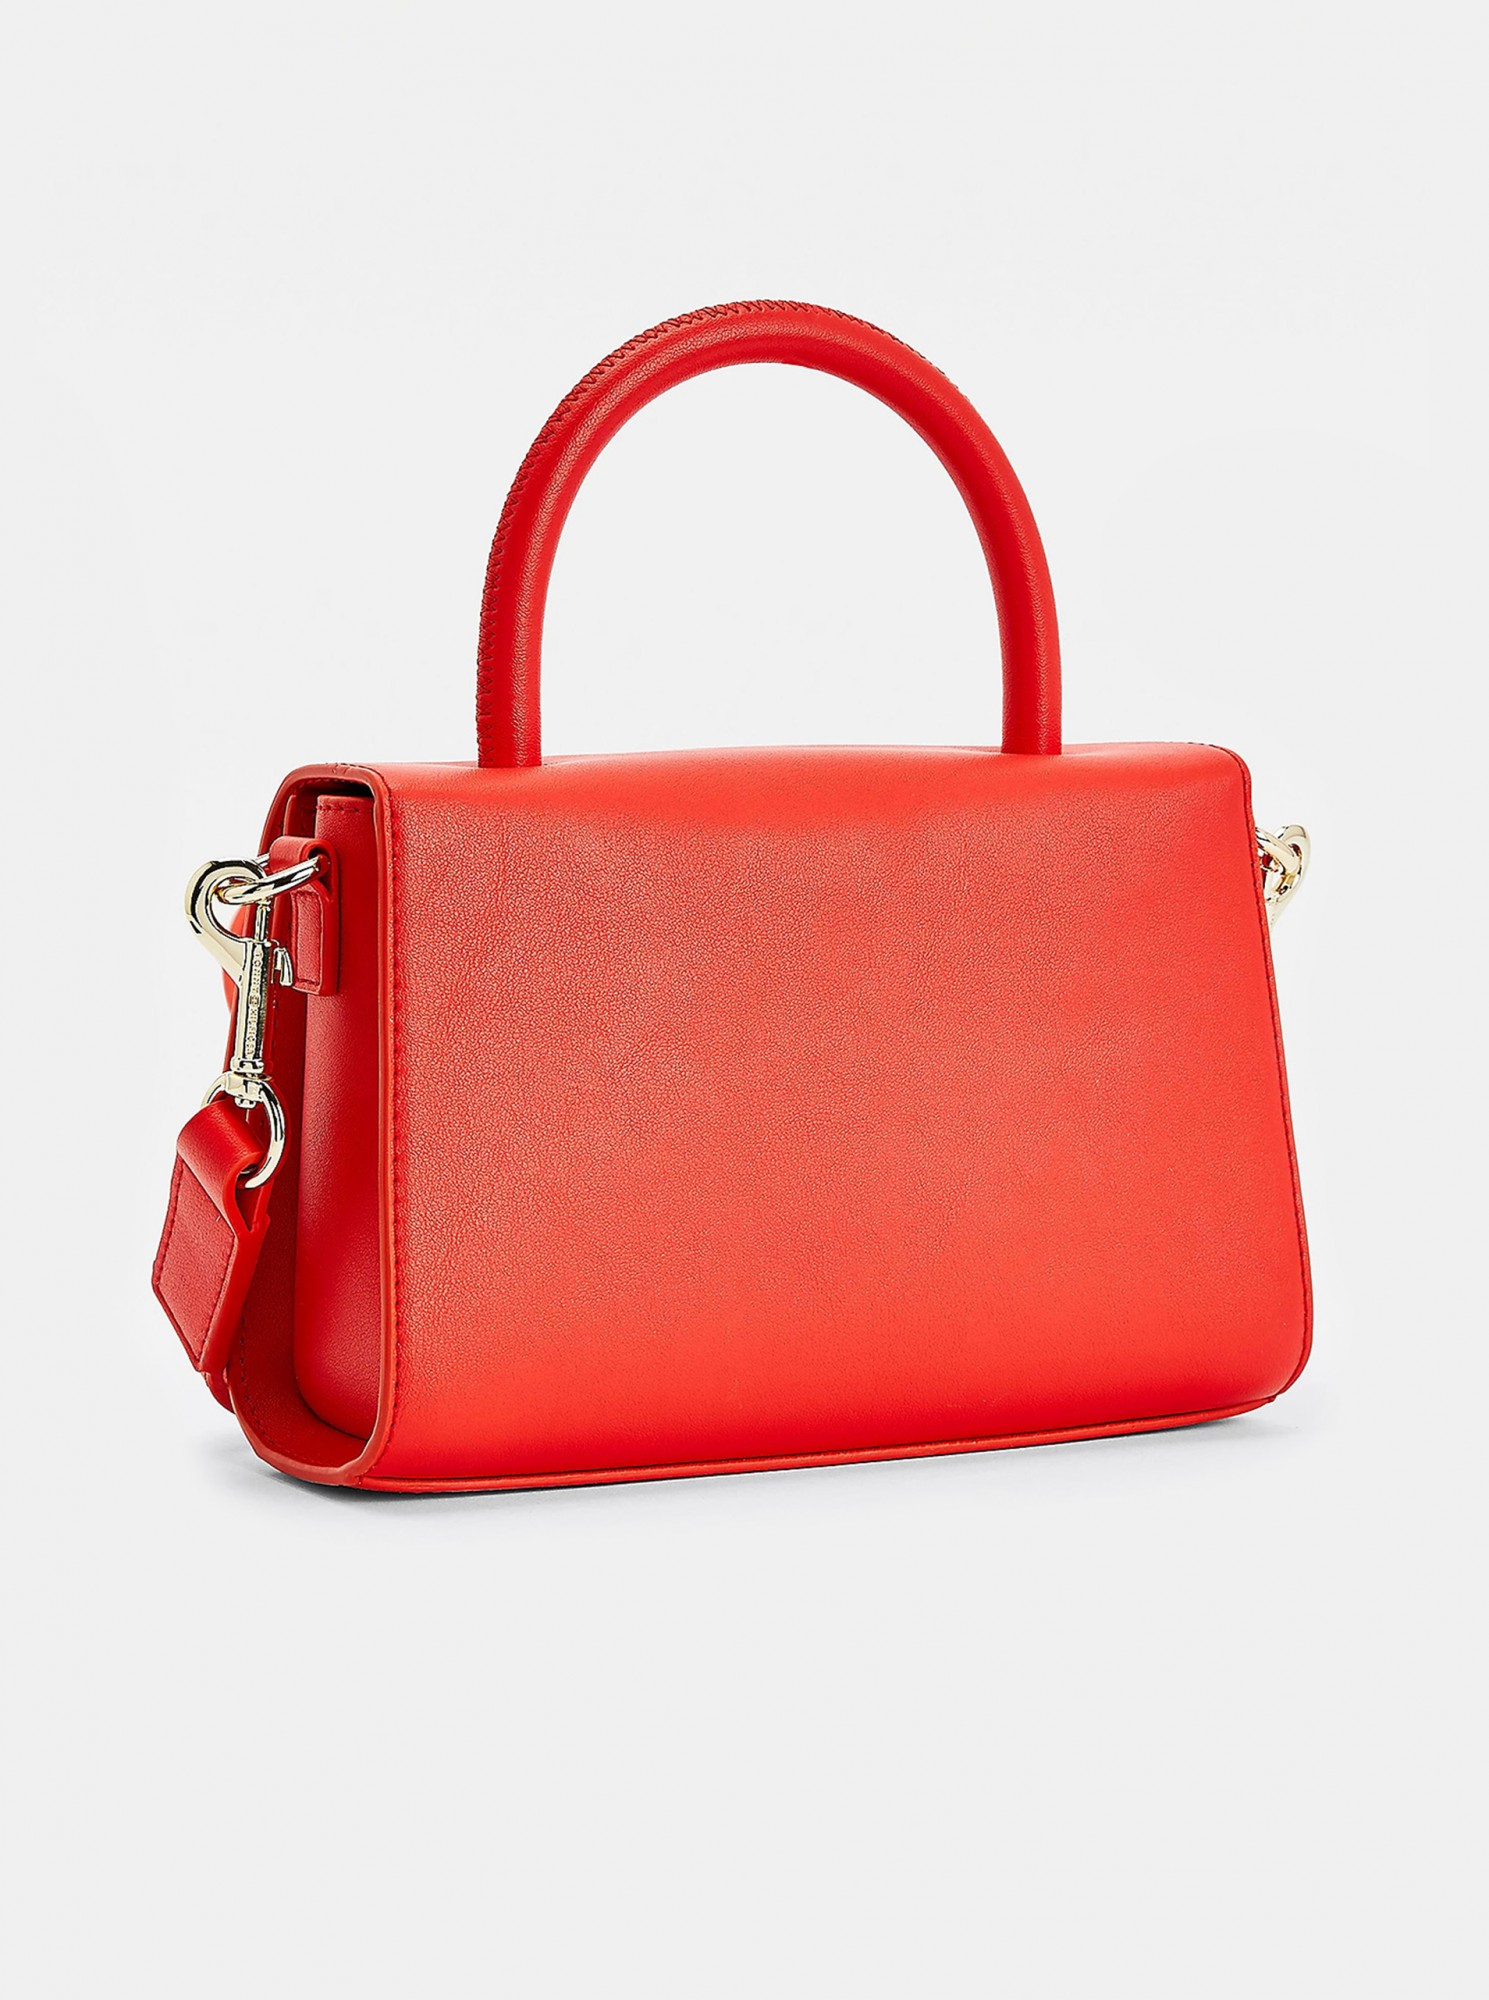 Tommy Hilfiger red crossbody small handbag